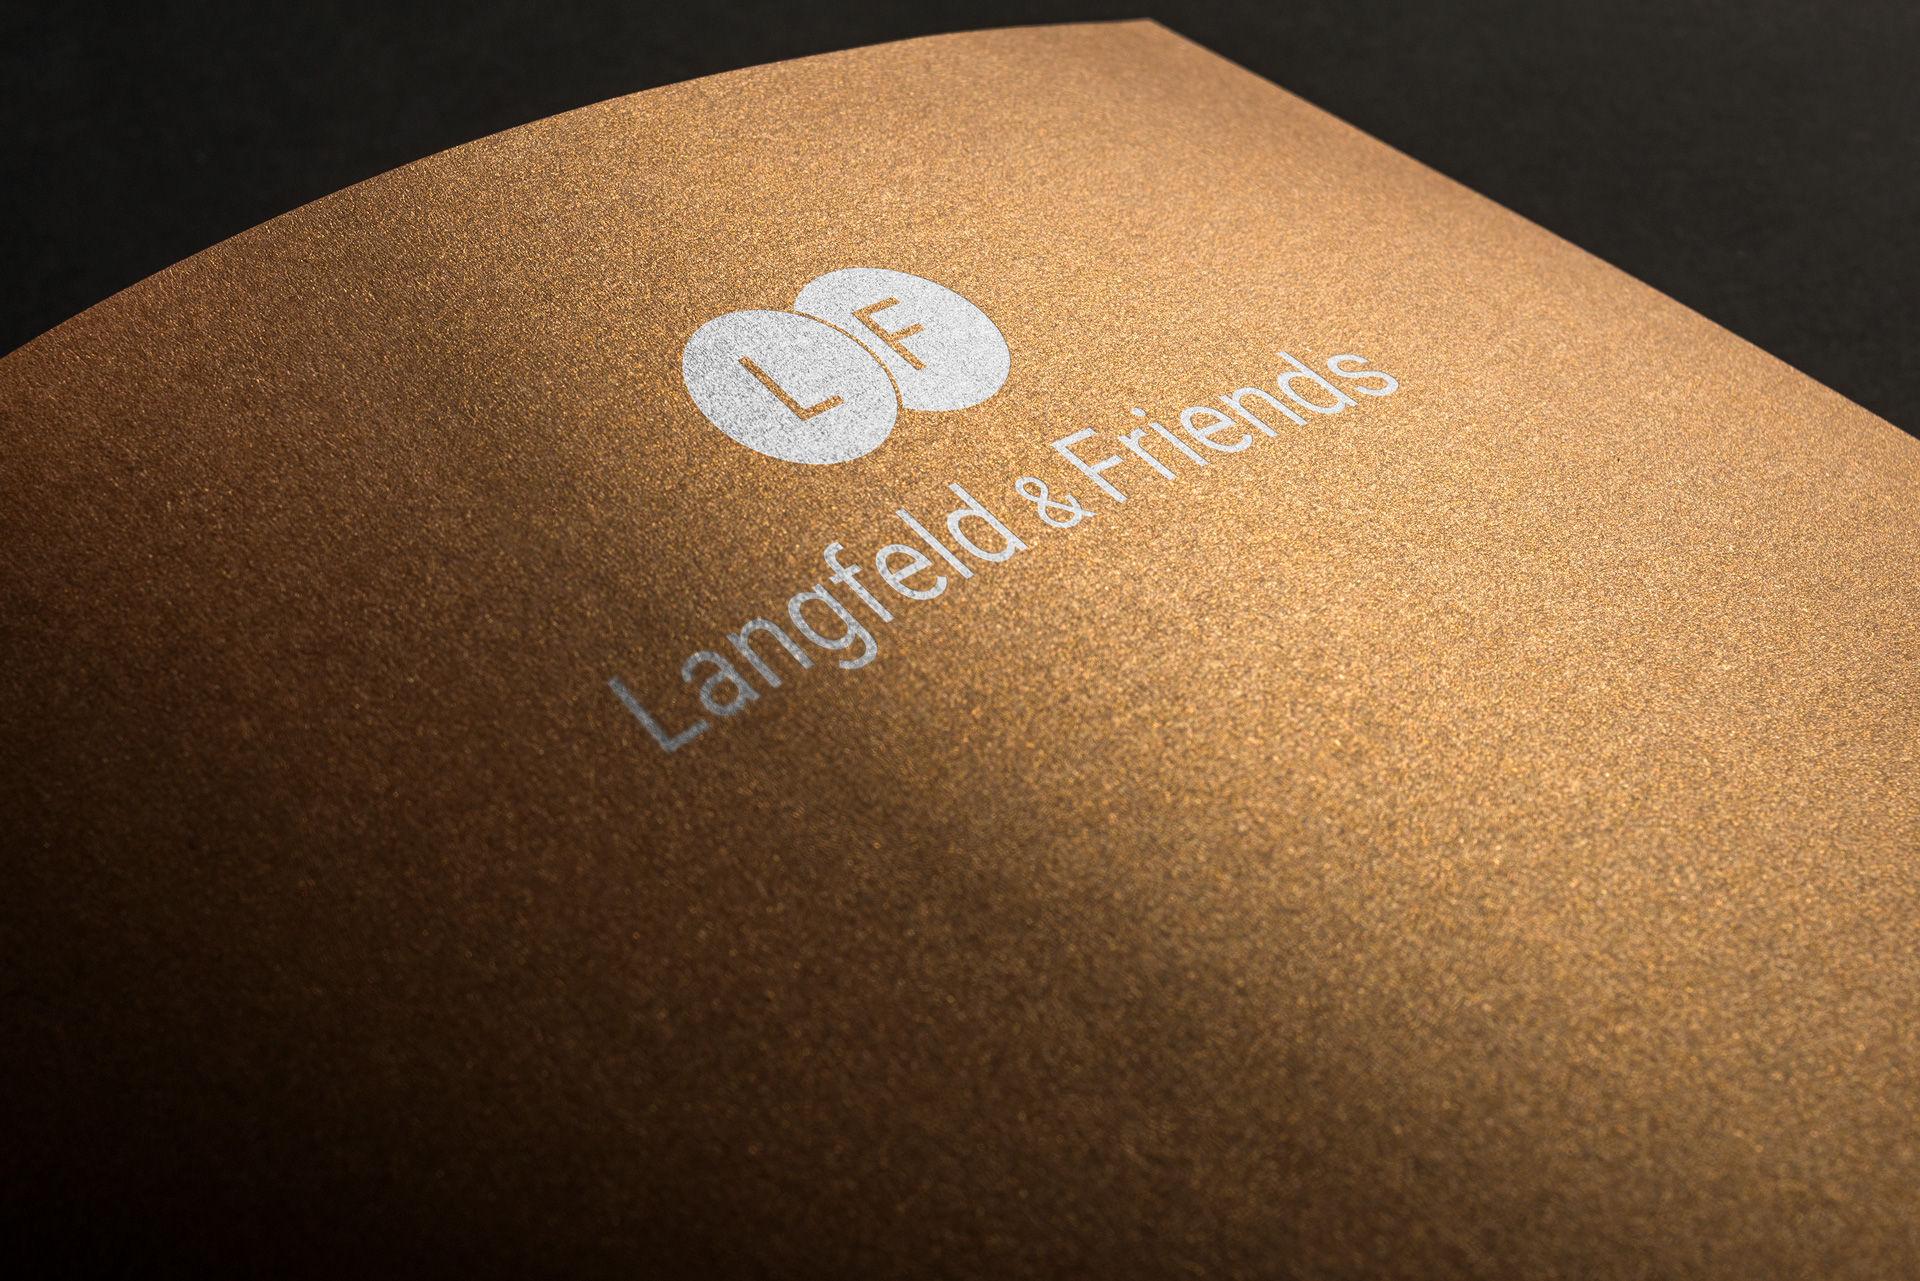 Langfeld & Friends Logodesign